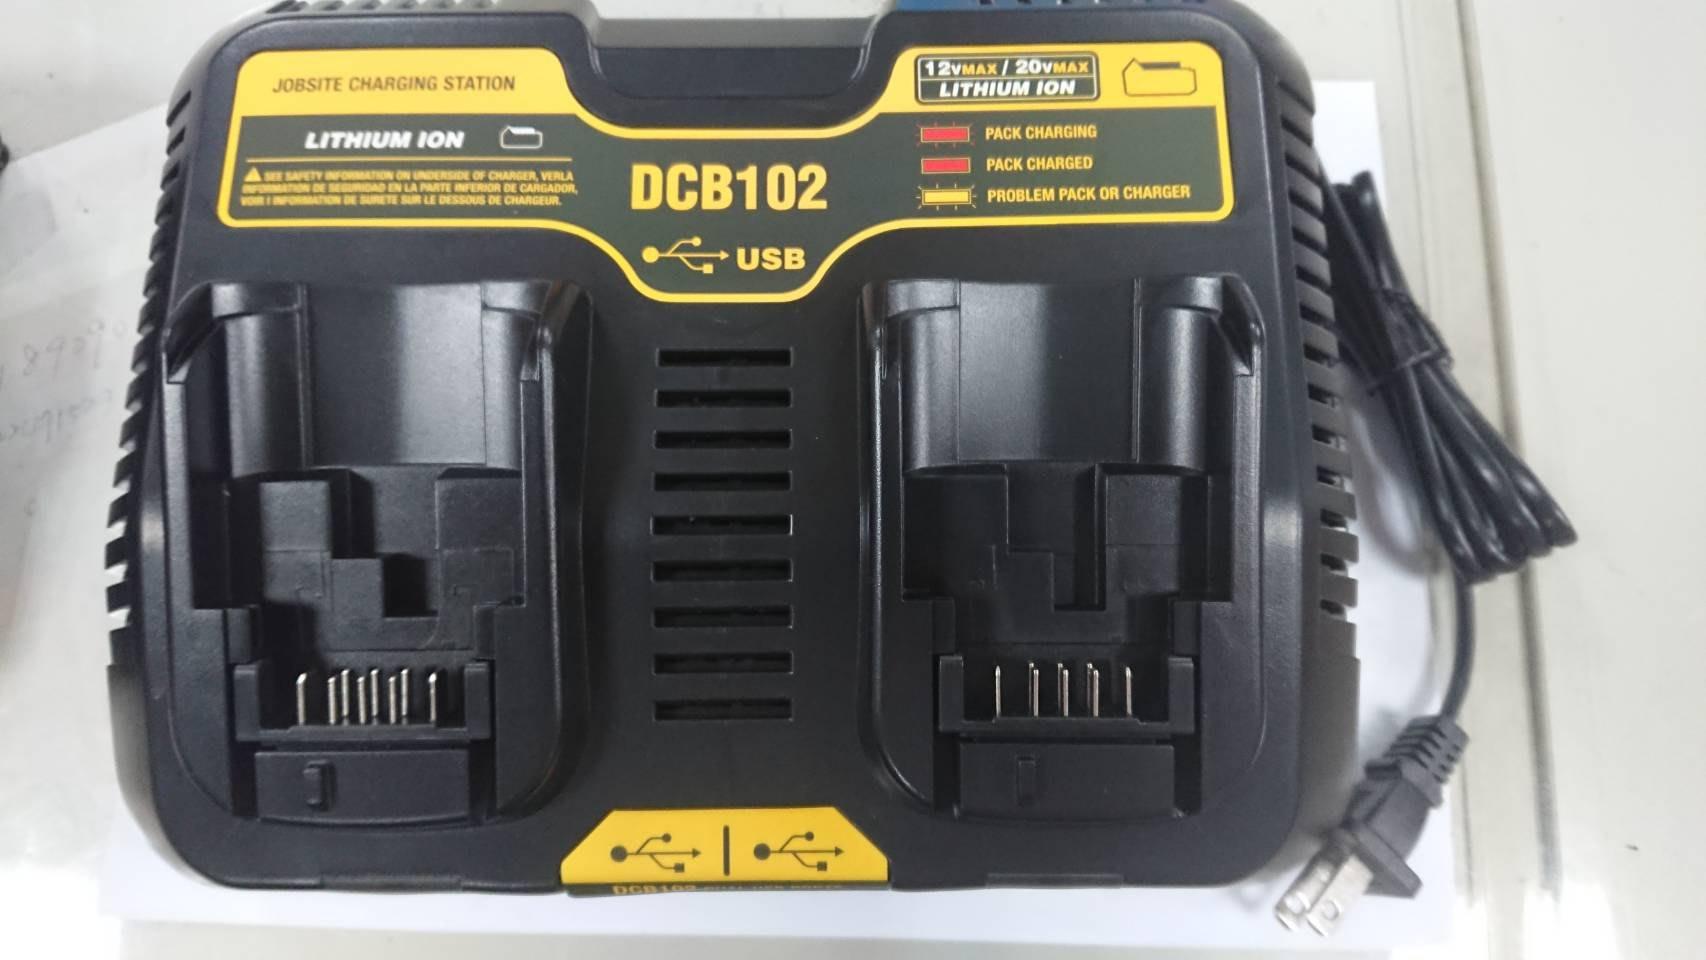 WIN五金 MK-POWER 得偉款雙插槽充電器(非原廠) DEWALT電動工具得偉18V充電器 鋰電池充電器